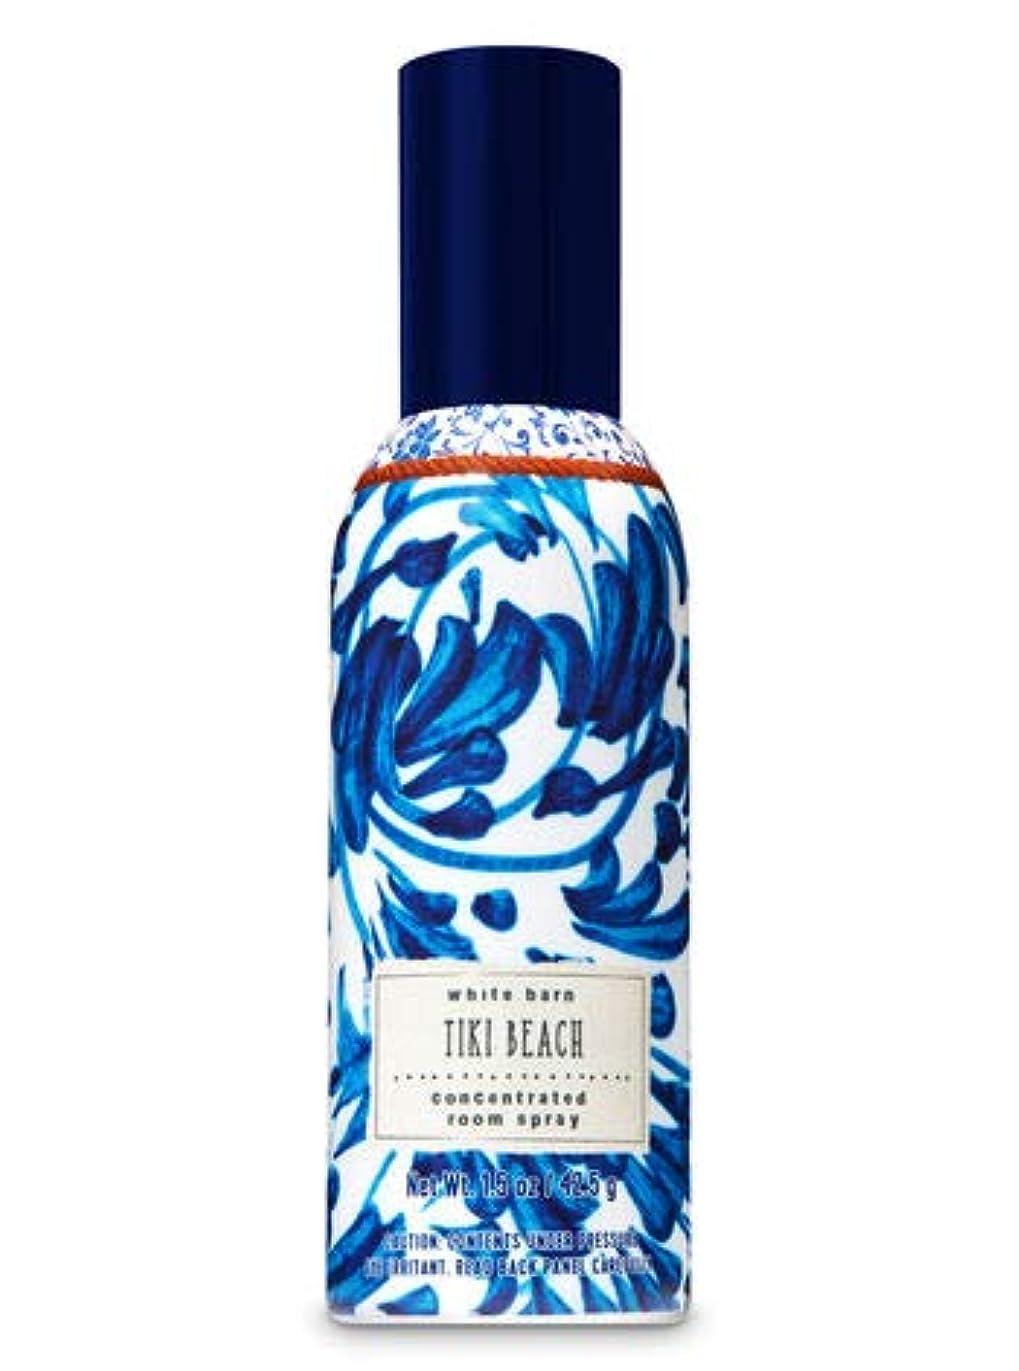 少ないロールアンデス山脈【Bath&Body Works/バス&ボディワークス】 ルームスプレー ティキビーチ 1.5 oz. Concentrated Room Spray/Room Perfume Tiki Beach [並行輸入品]